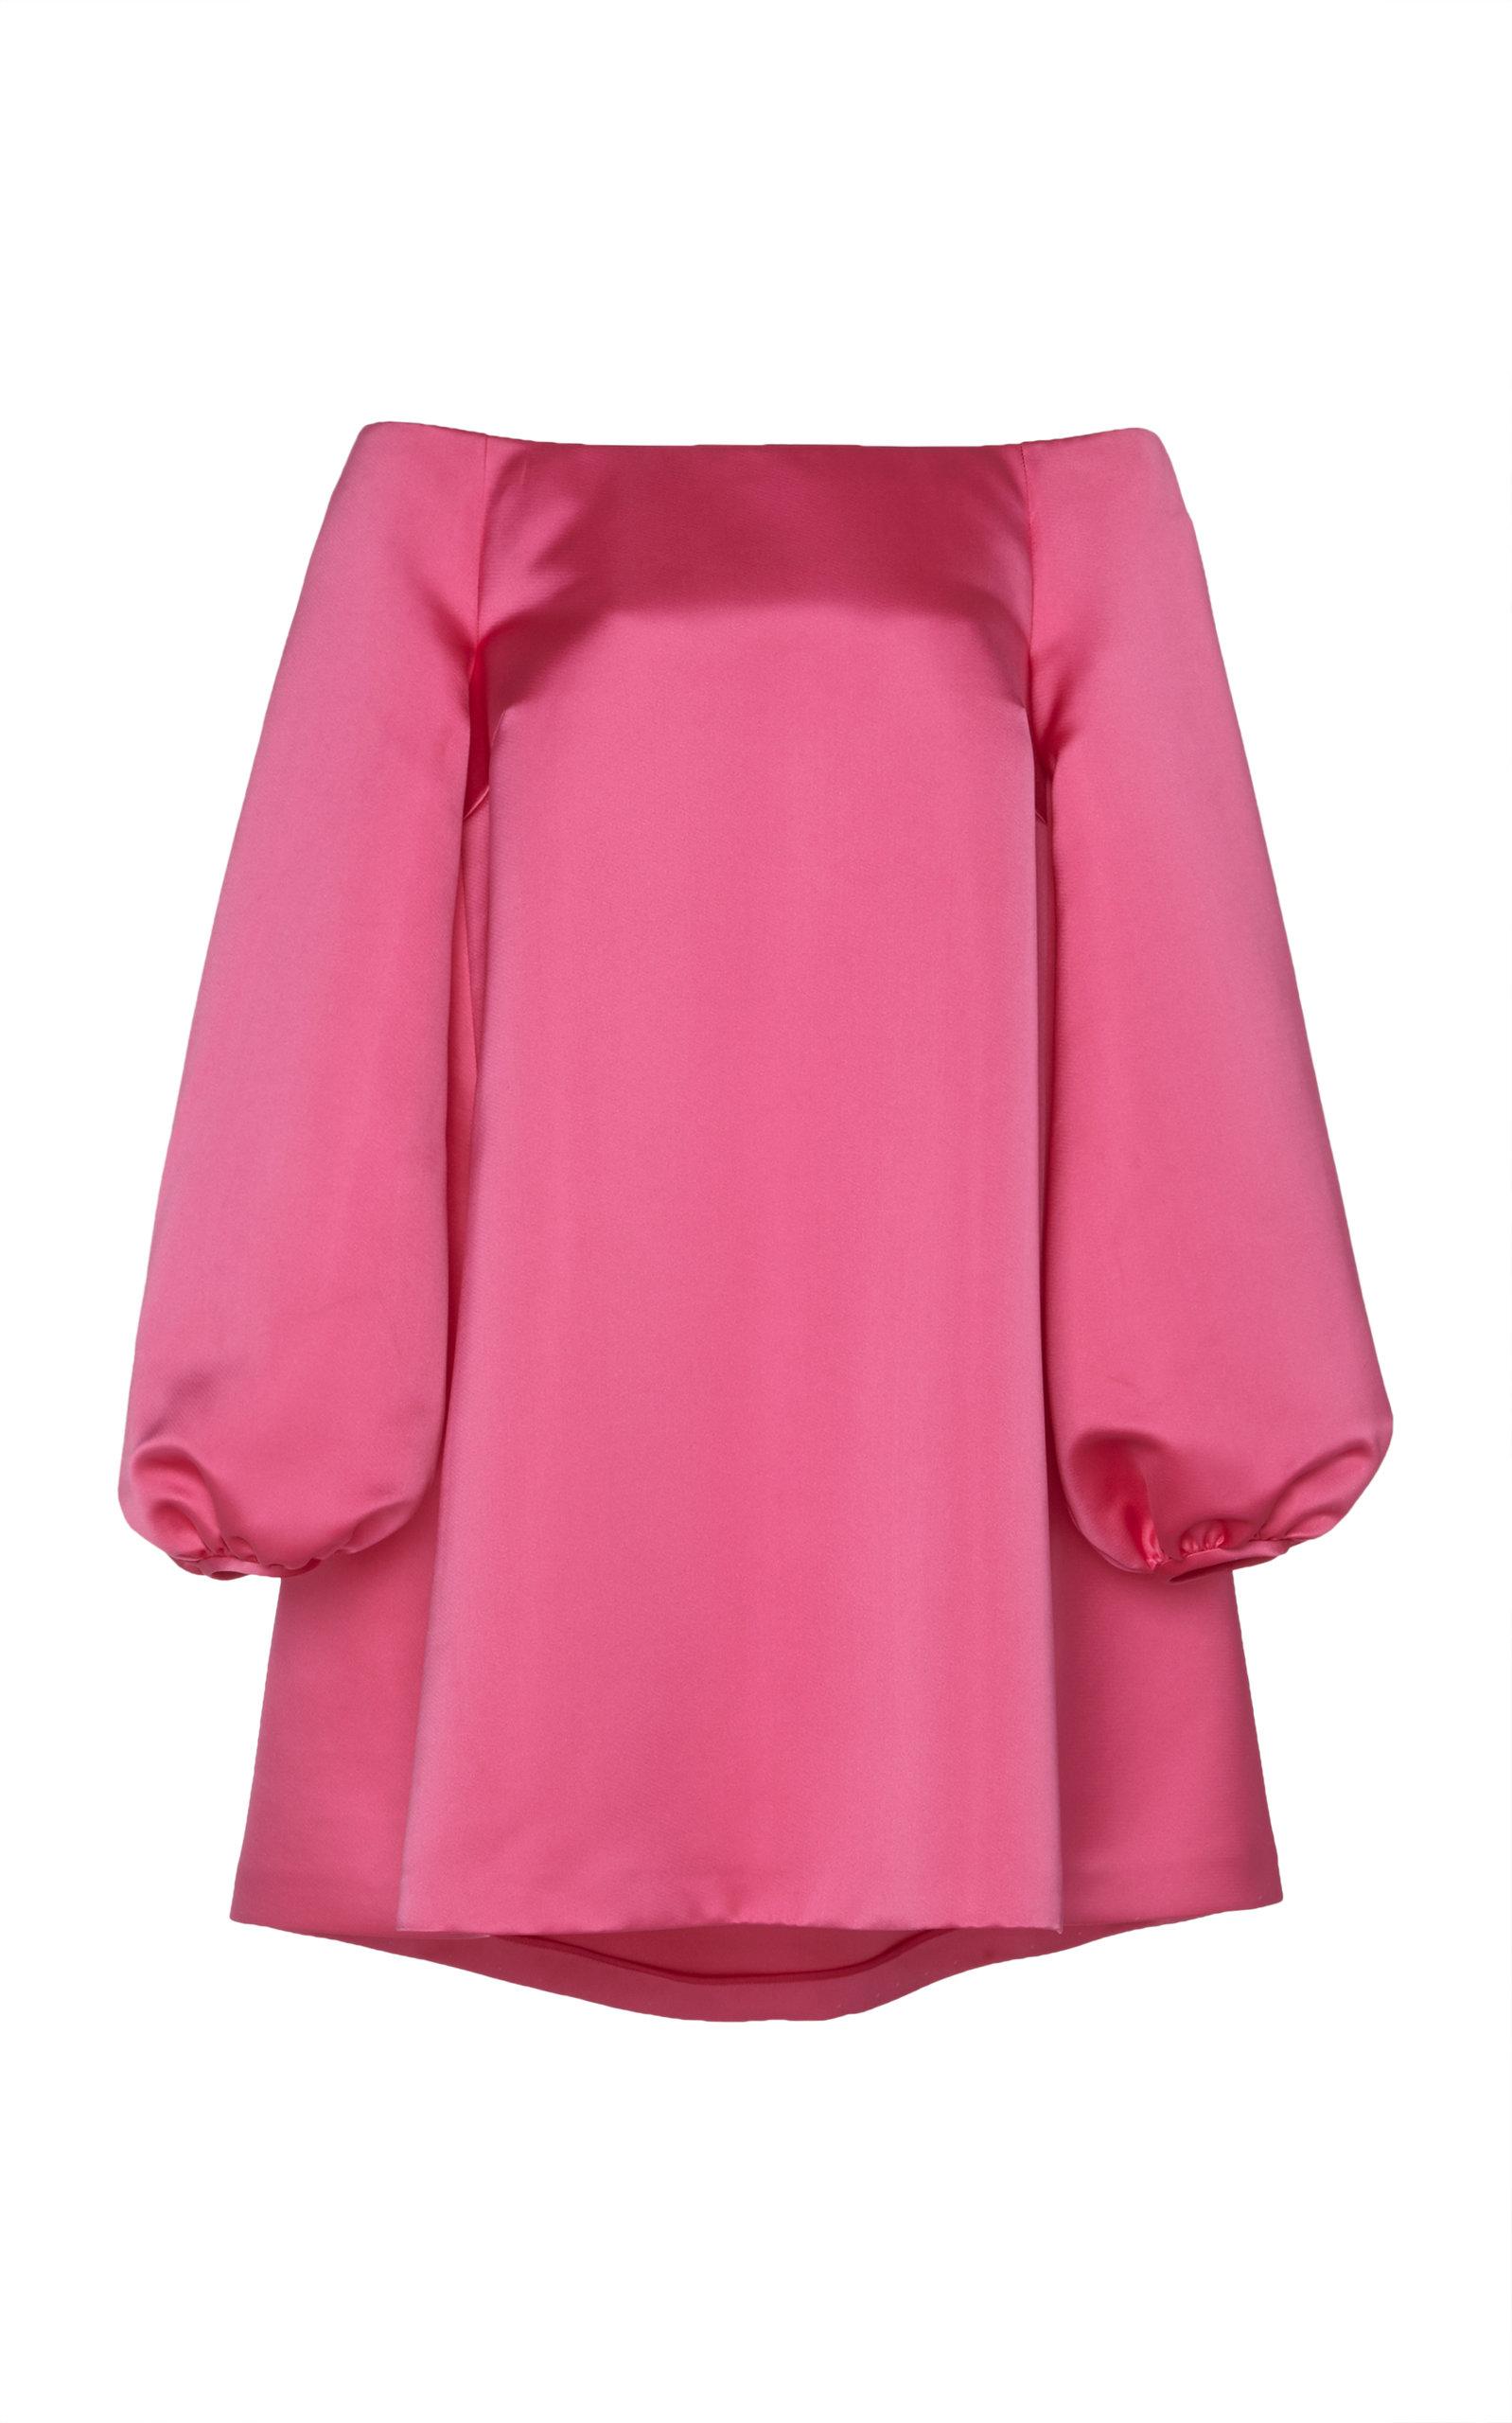 67aeb87ae5f5 Off-The-Shoulder Baby Doll Dress by Sara Battaglia